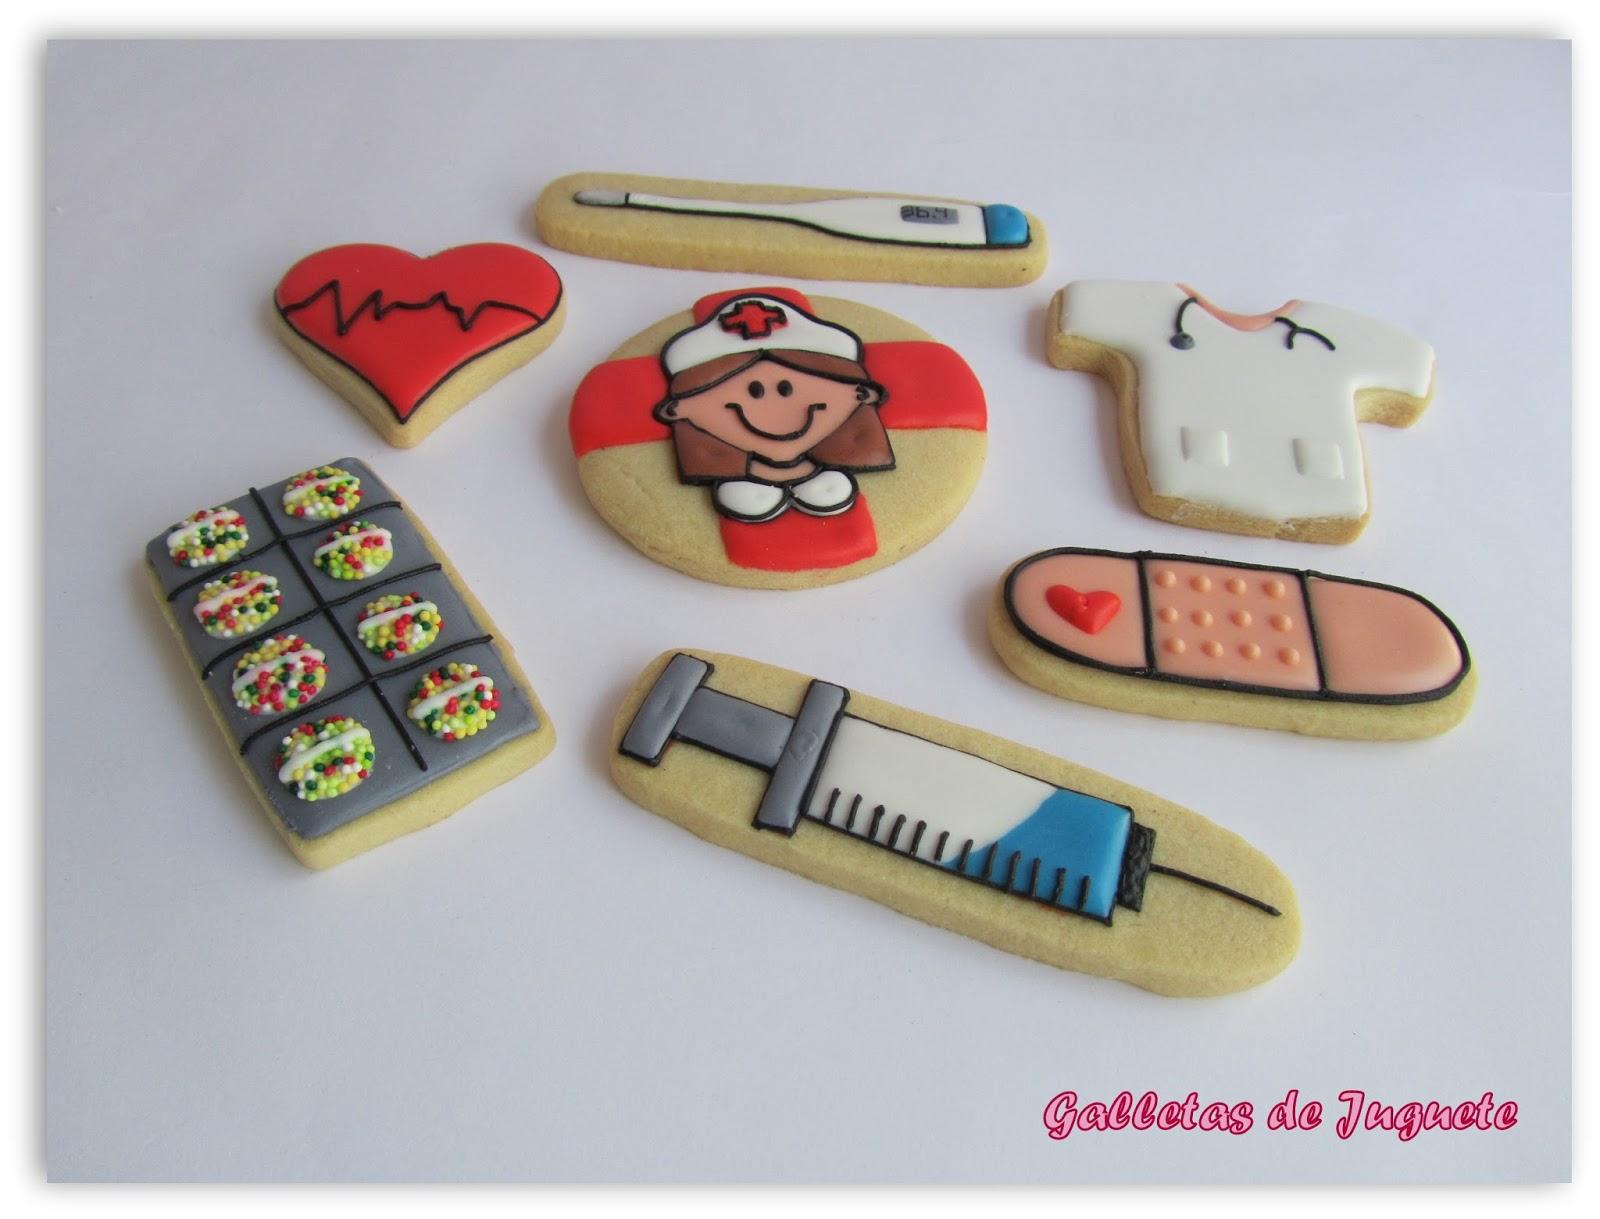 Galletas de juguete galletas enfermeras - Regalos para enfermeras ...